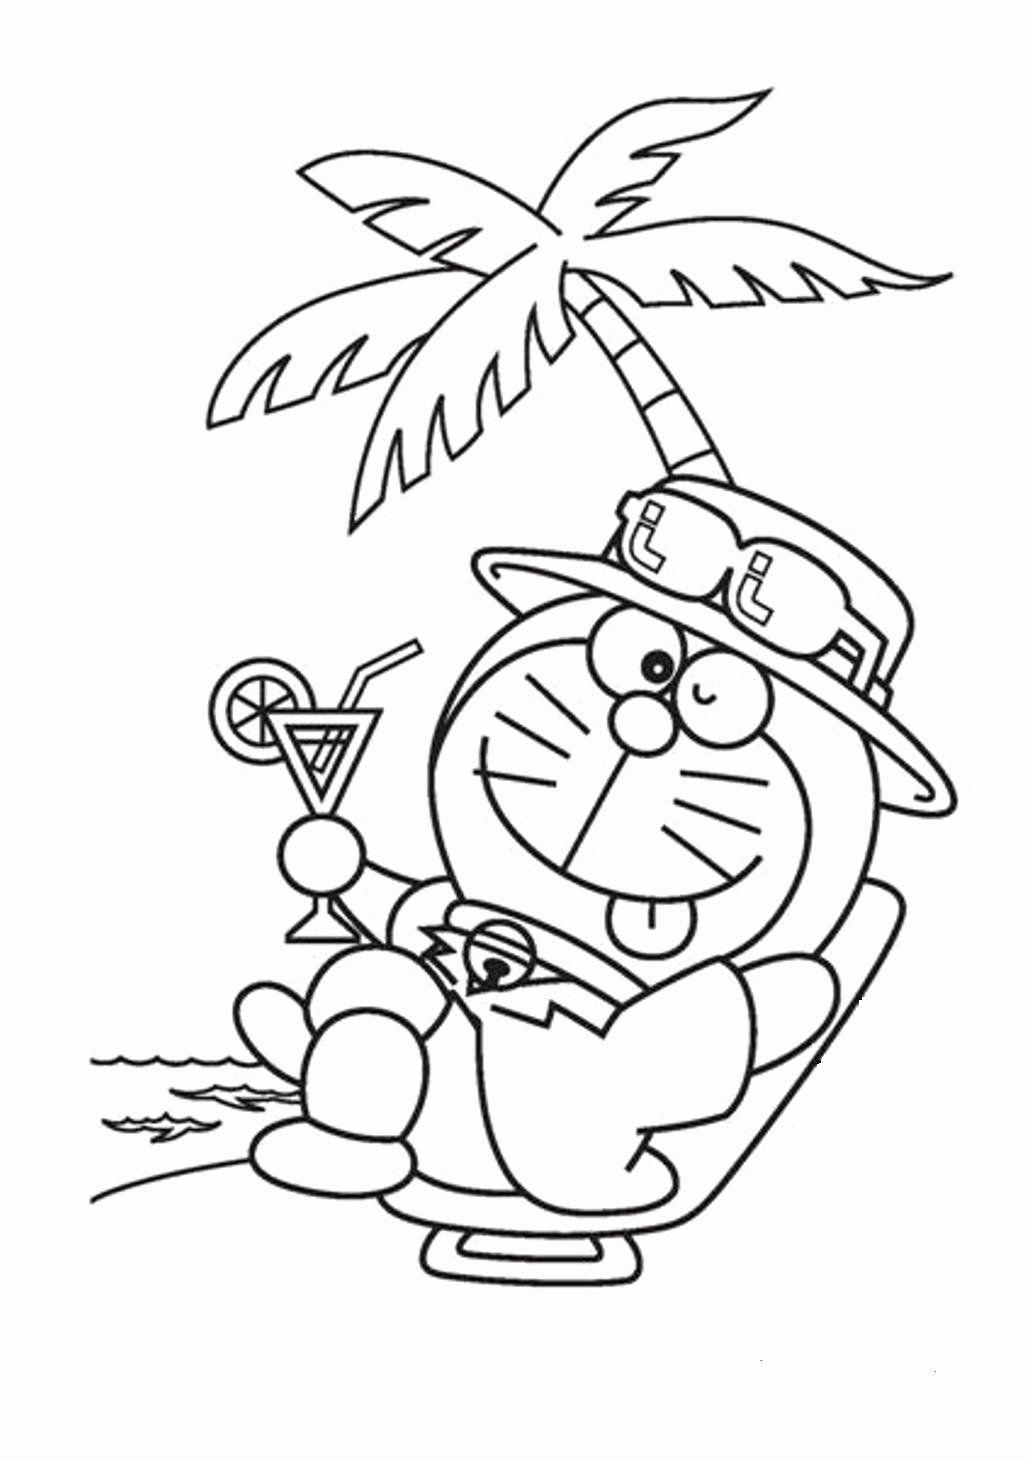 Doraemon Coloring Pages Ideas Fresh Doraemon Coloring Pages To And Print For Free Cartoon Coloring Pages Tsum Tsum Coloring Pages Coloring Pages